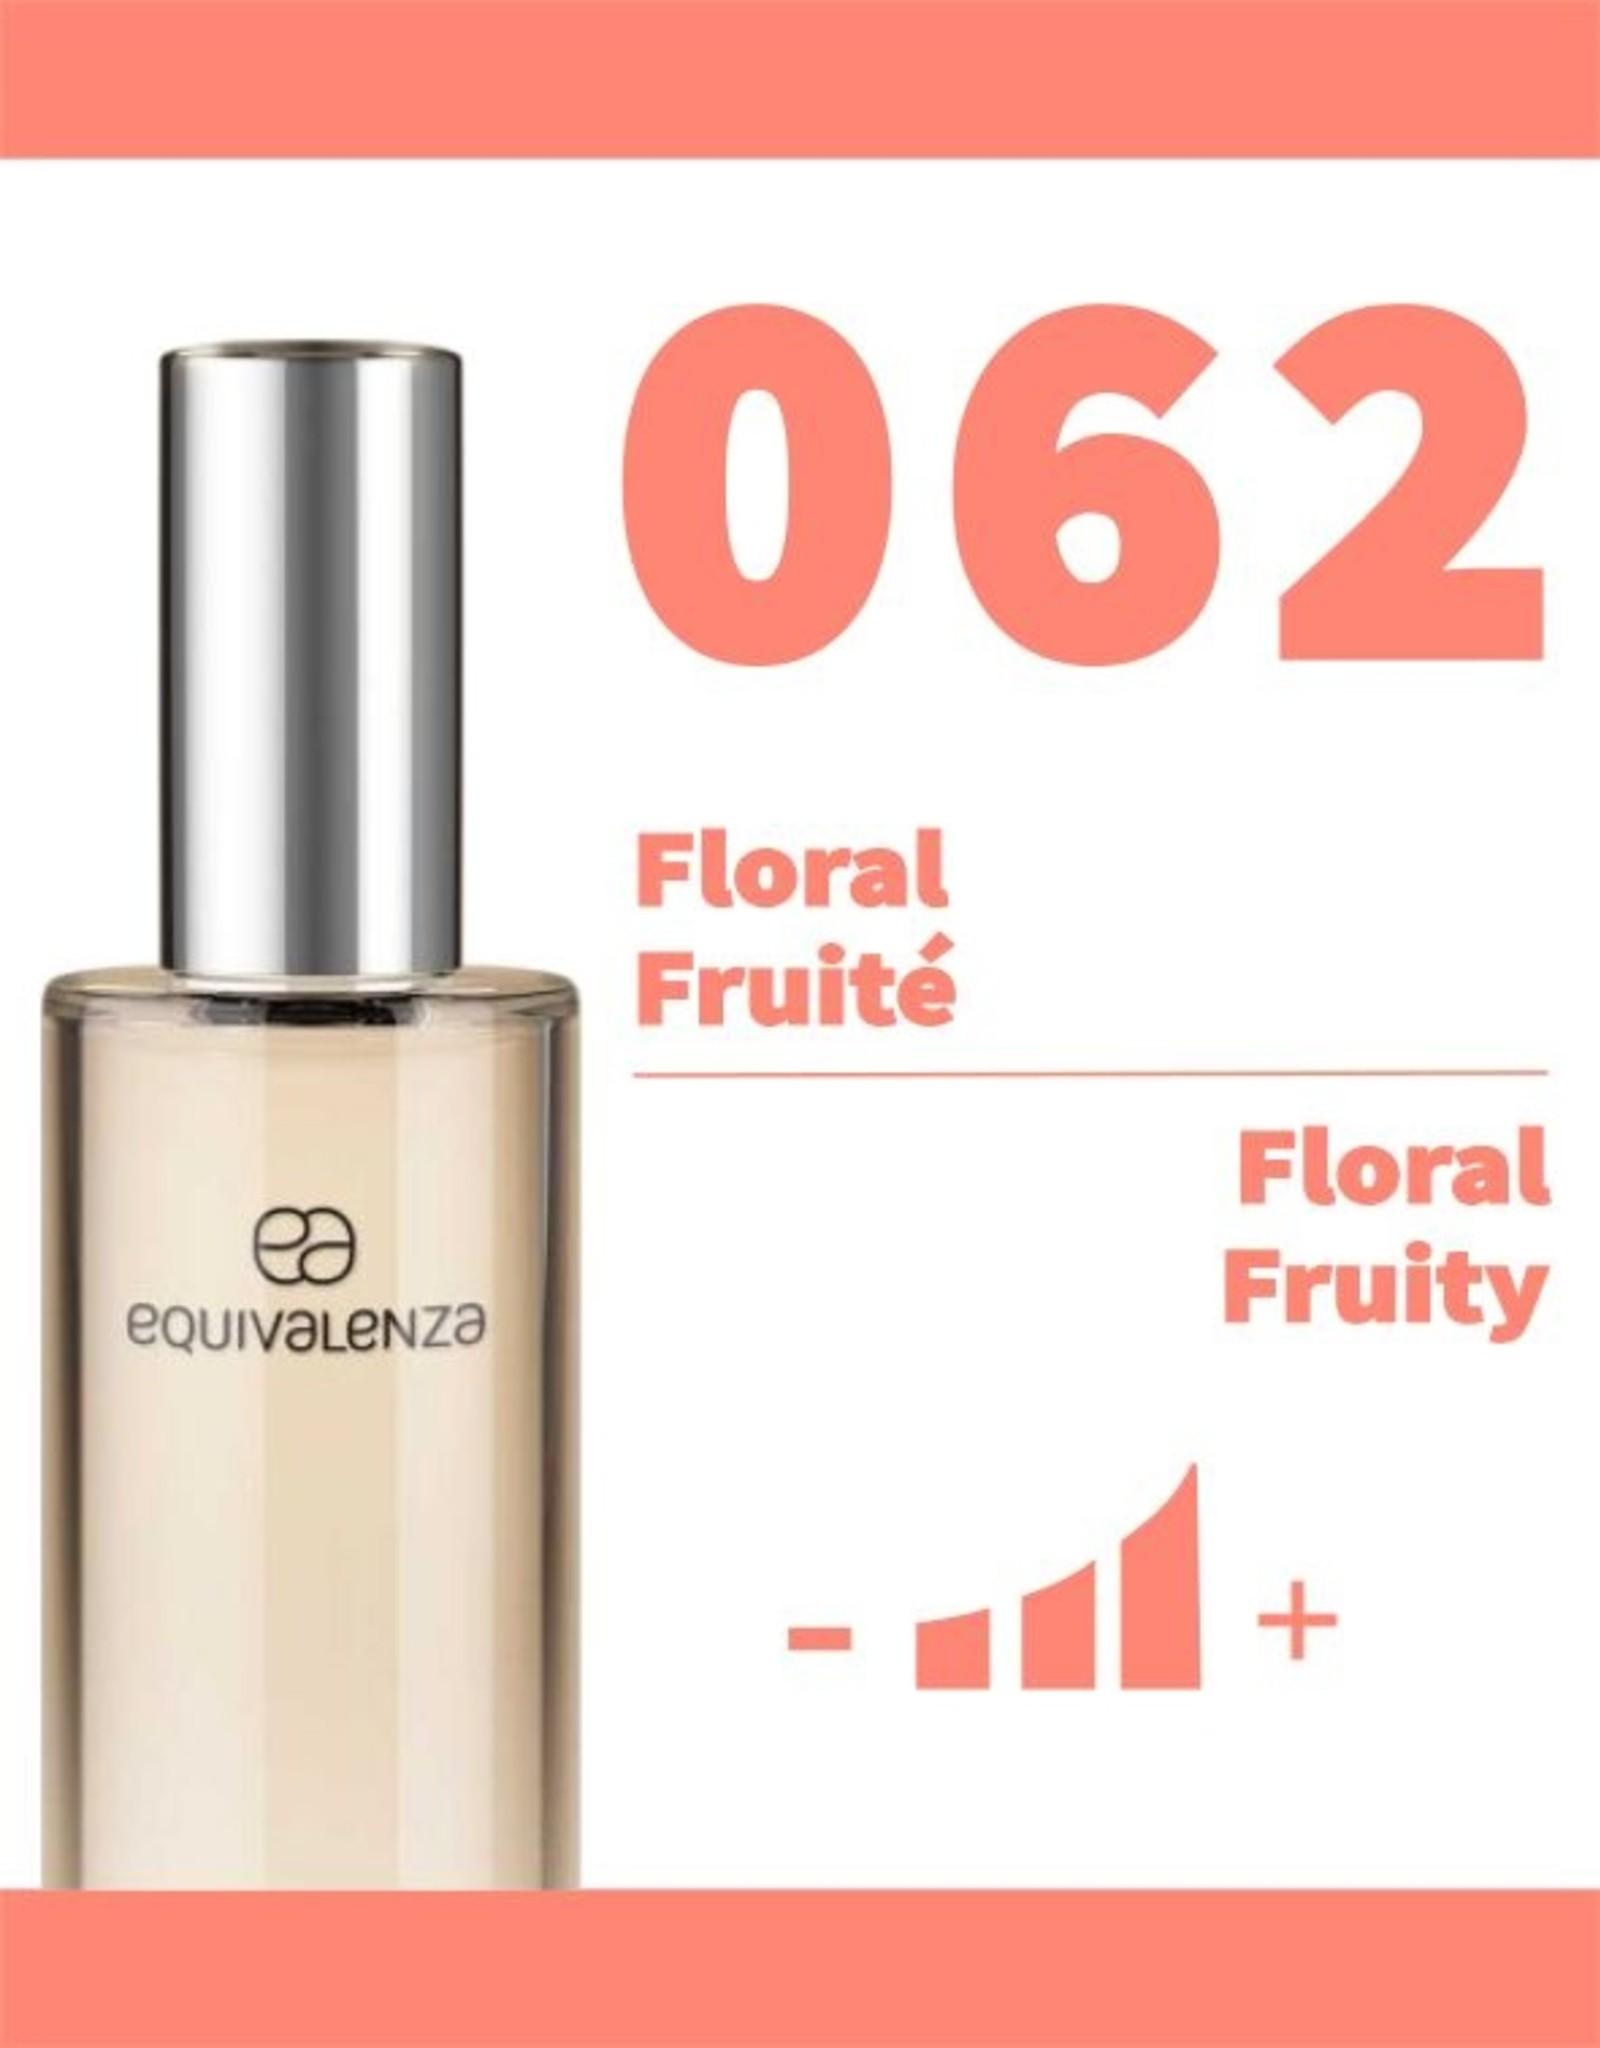 Equivalenza Eau de Parfum Floral Fruity 062